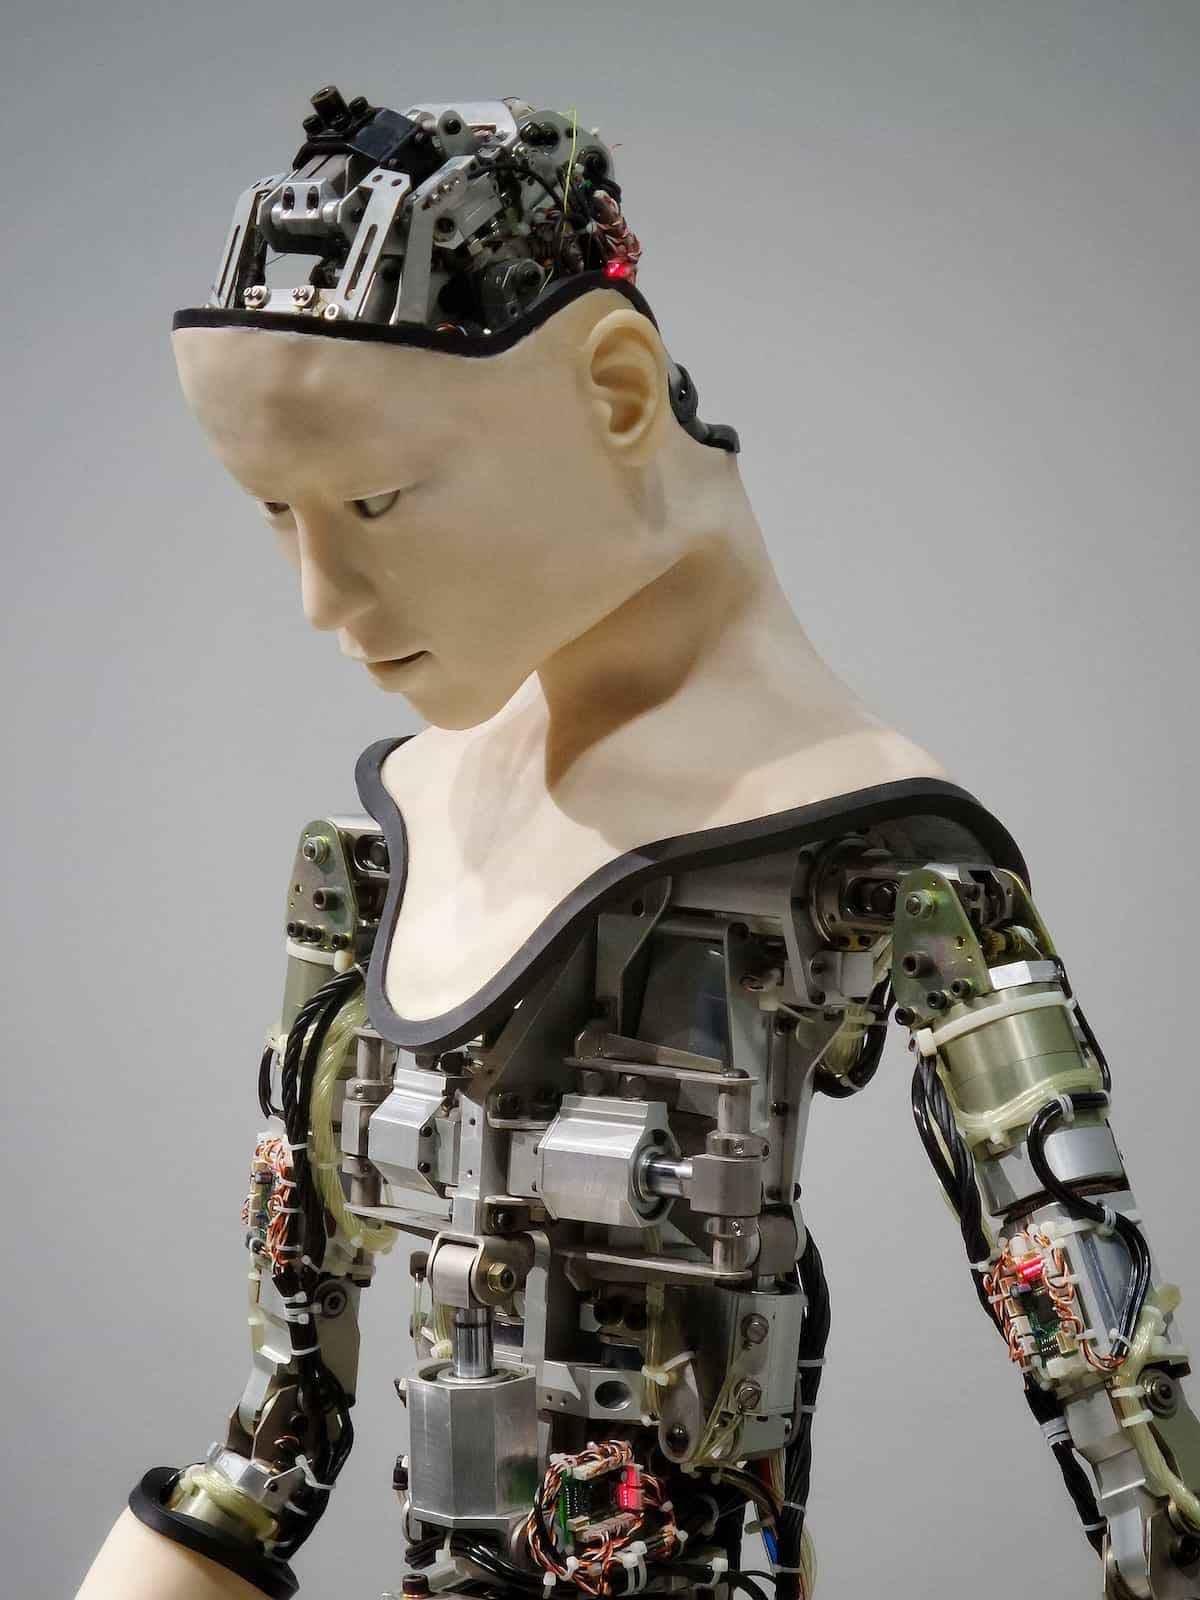 T01xE14: Inteligencia artificial |AL OTRO LADO con Luis Bermejo | luisbermejo.com